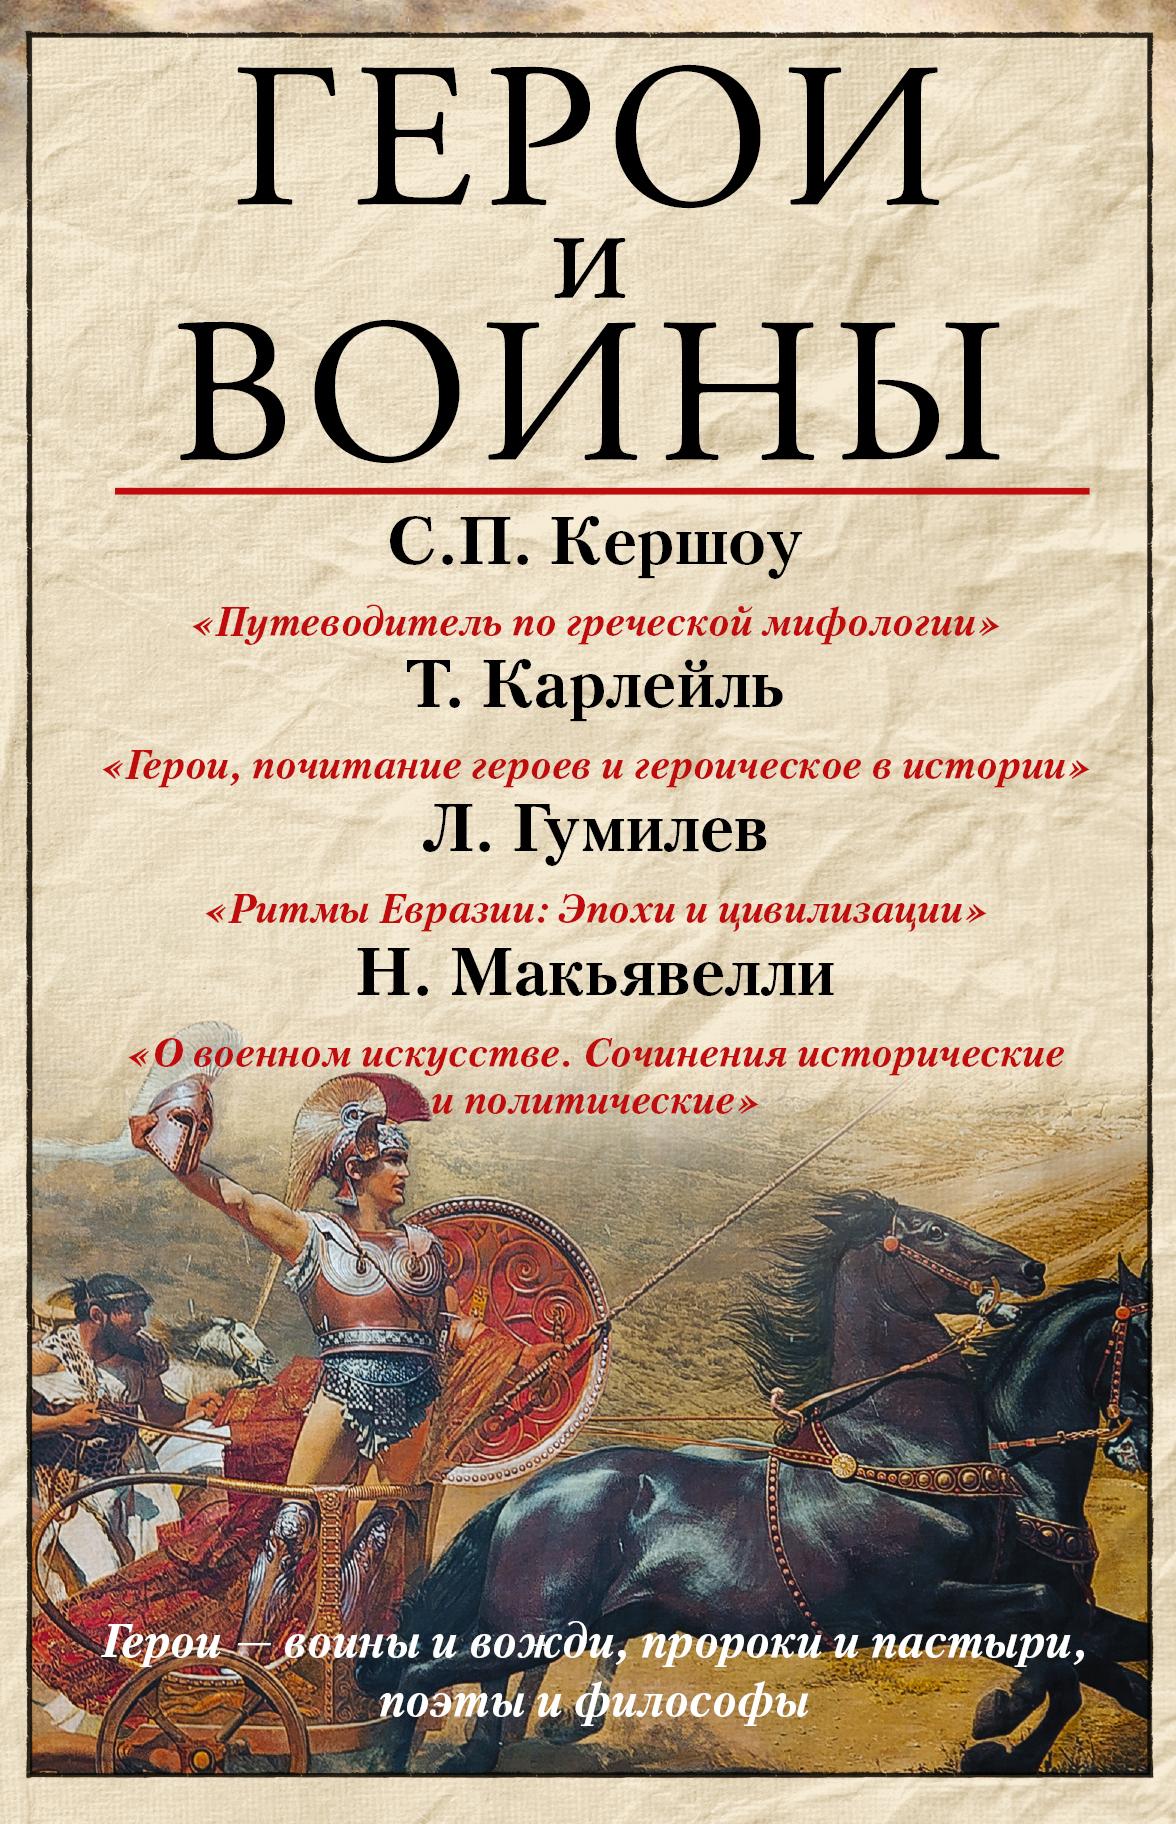 Герои и воины от book24.ru